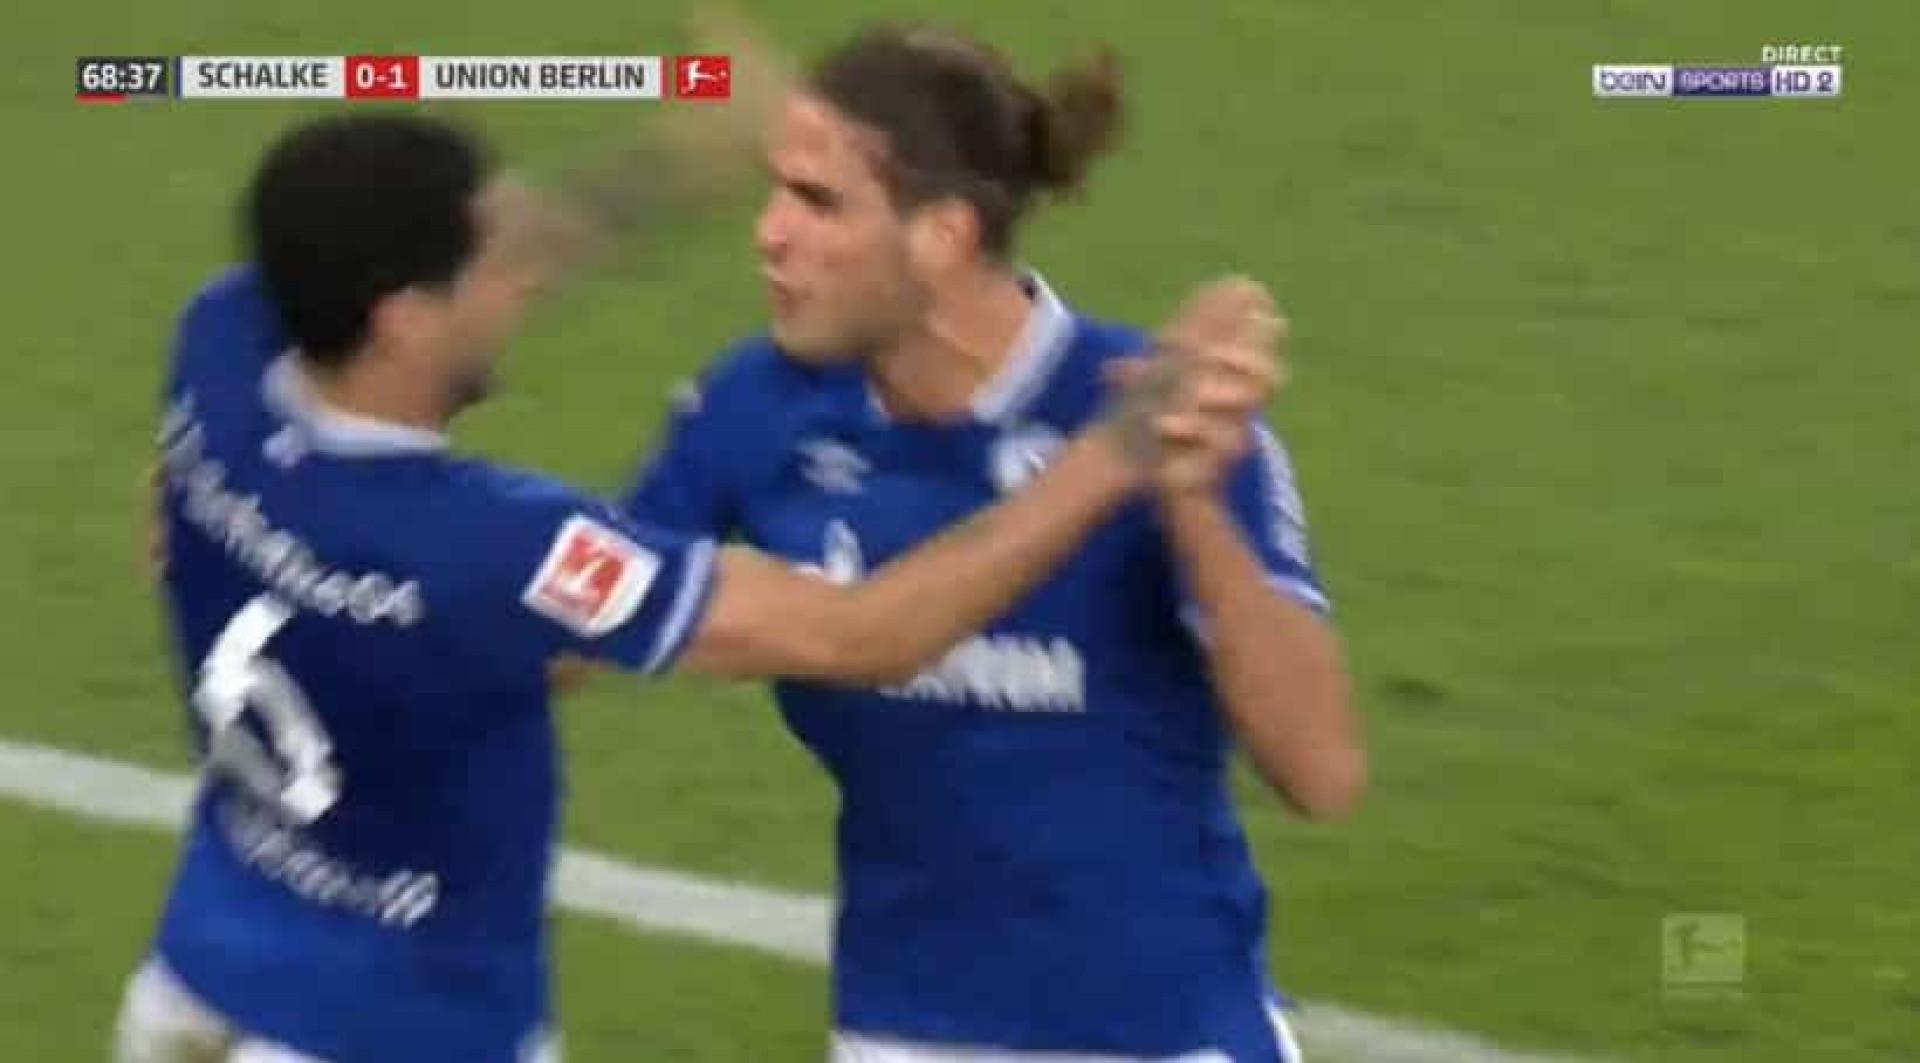 Gonçalo Paciência já marca com a camisola do Schalke 04